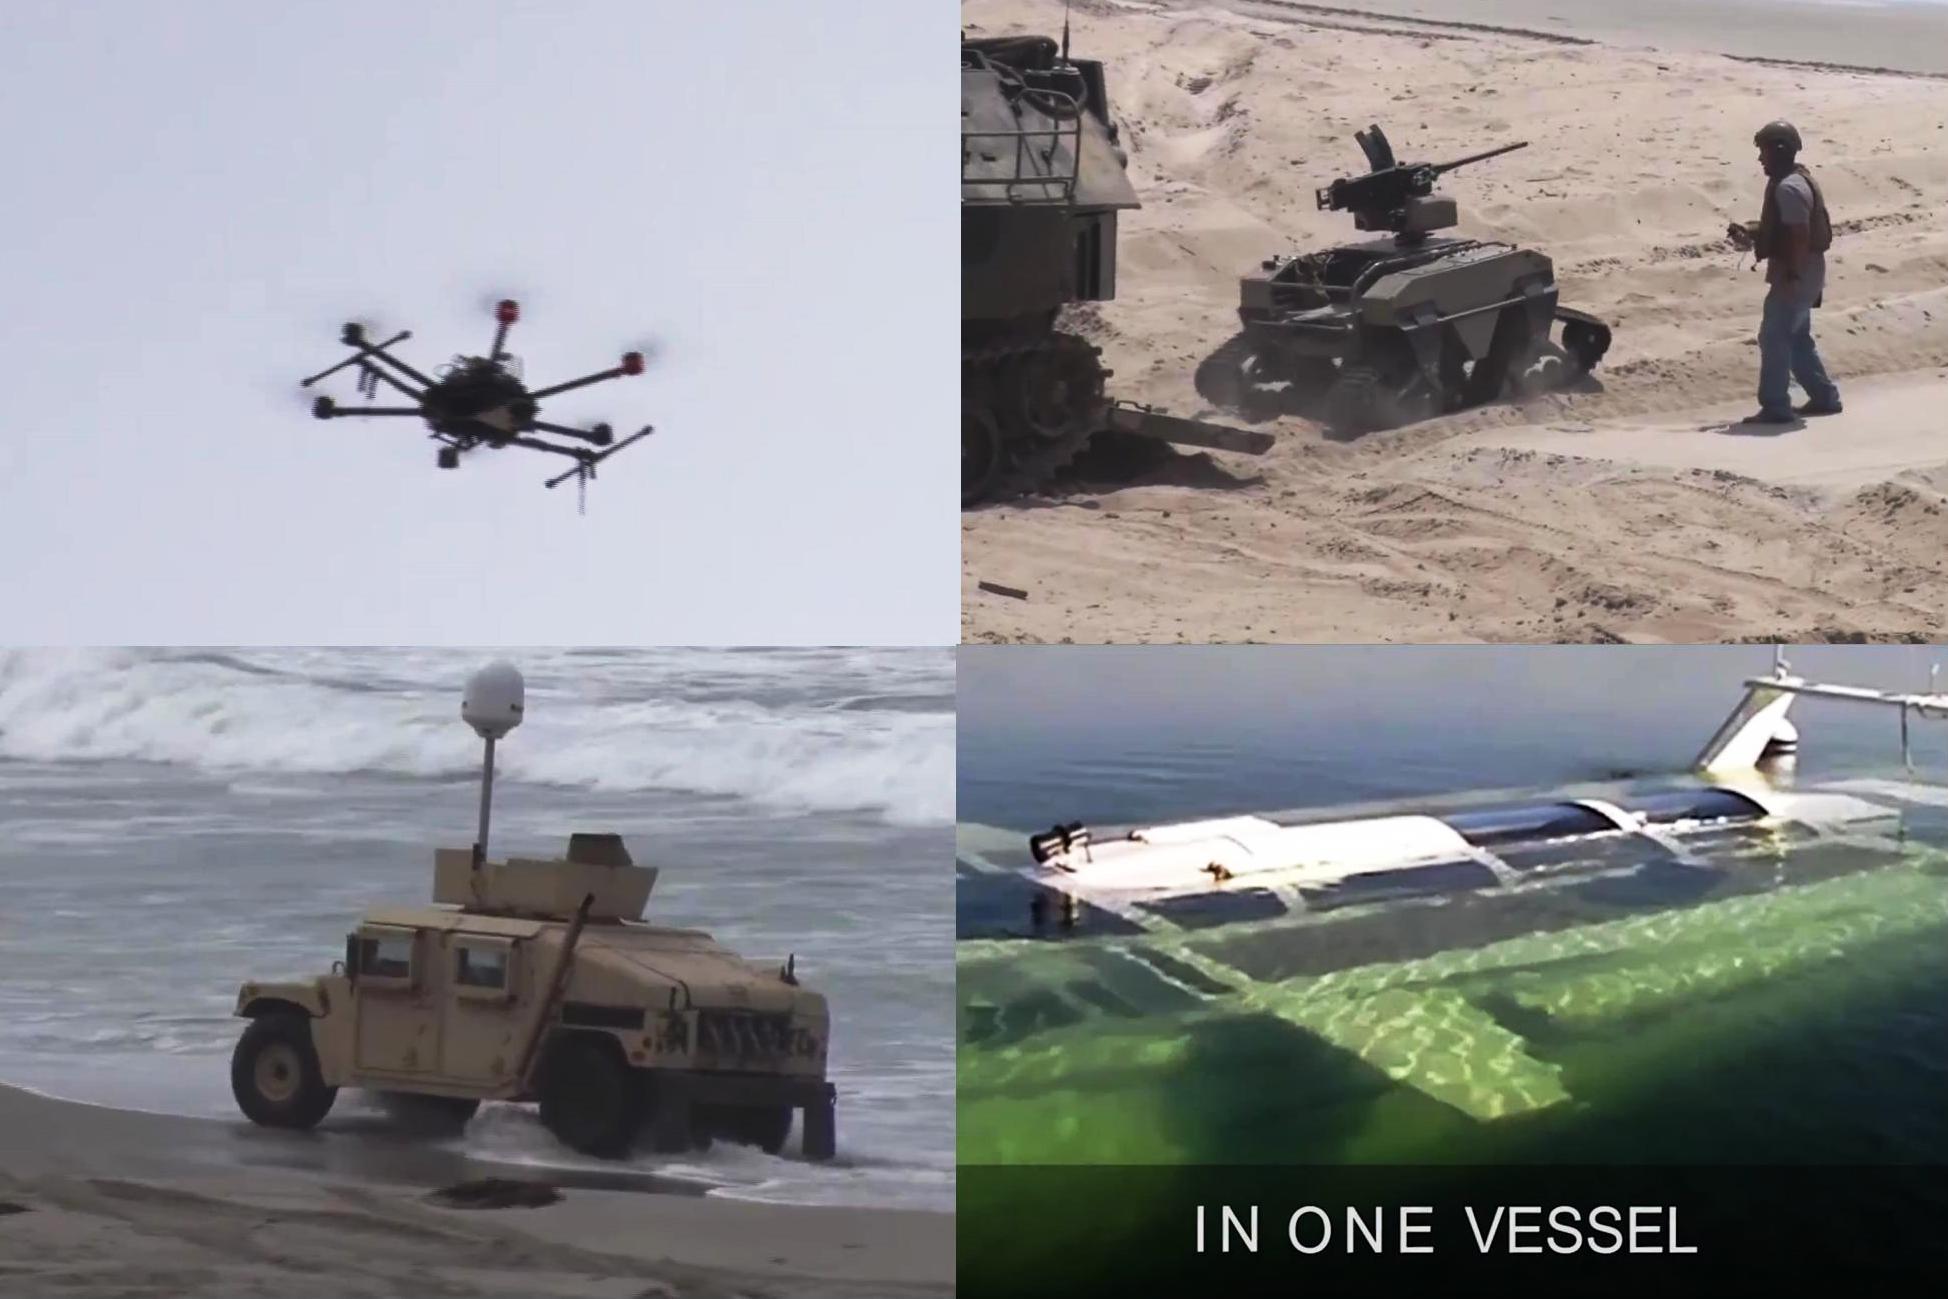 美陸戰隊新型武器曝光 超級快艇似007占士邦版